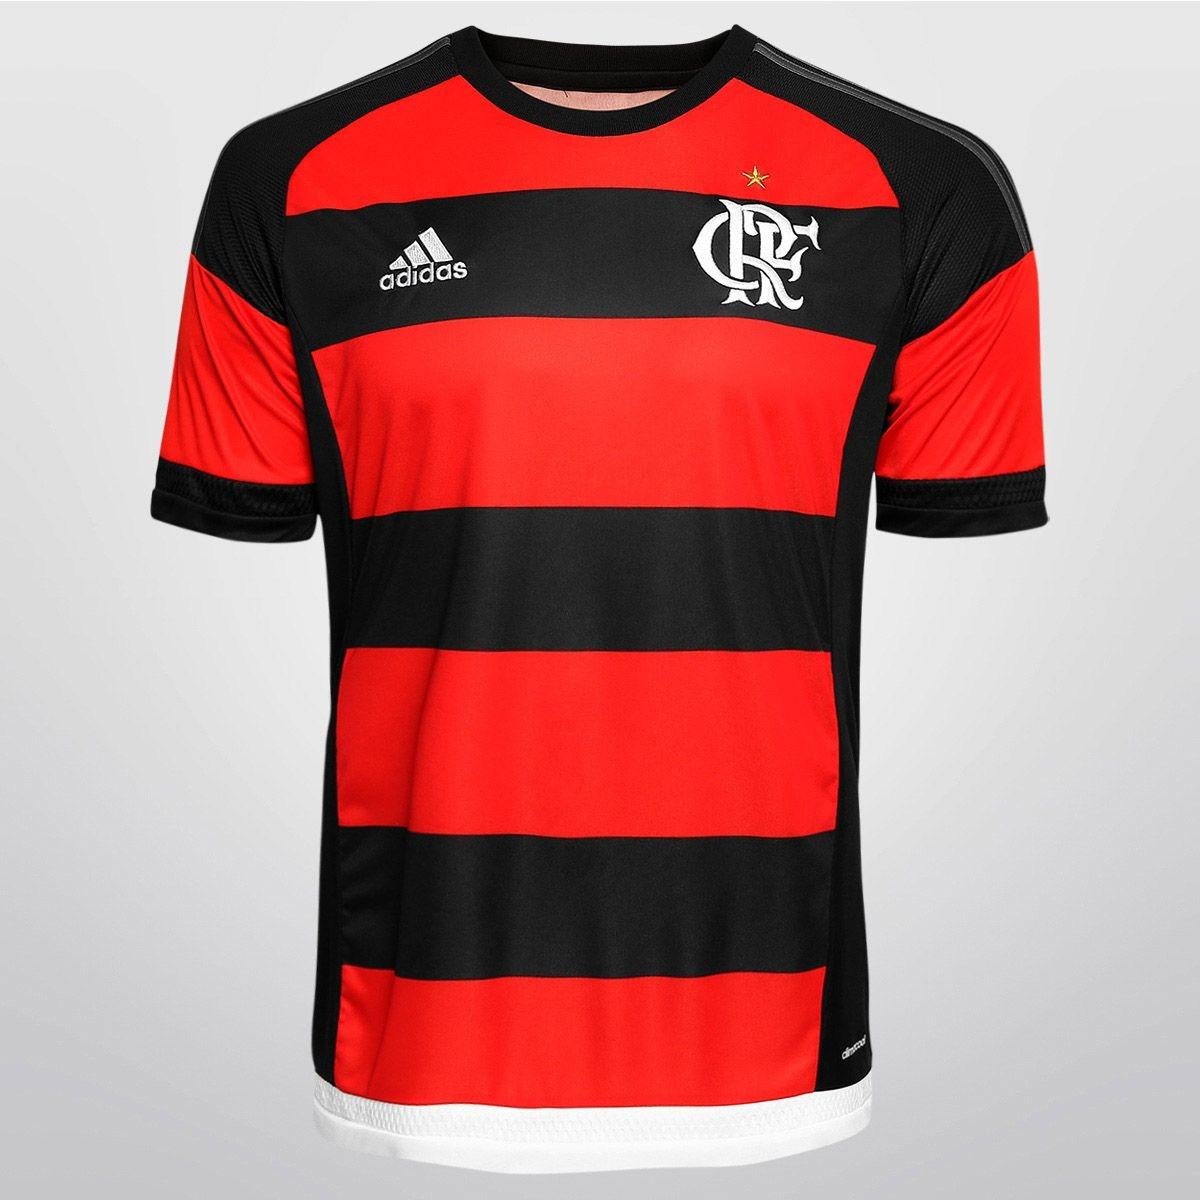 47a26910b2c40 Camisa adidas Flamengo 15 16 Original Oficial De 249